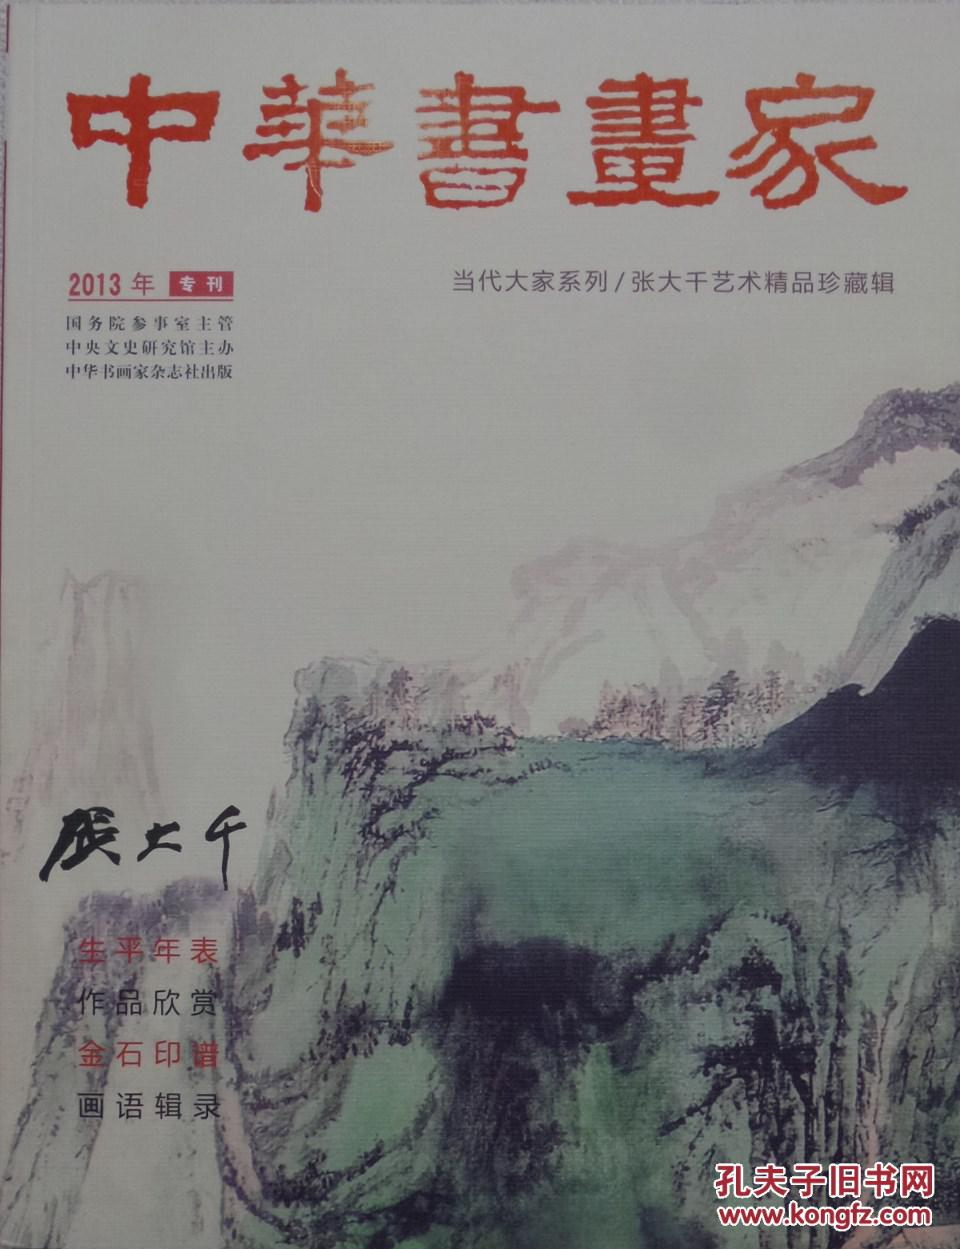 独家特供,《中华书画家---当代大家系列张大千艺术精品珍藏辑》(2013年专刊),具有收藏和参考价值。。